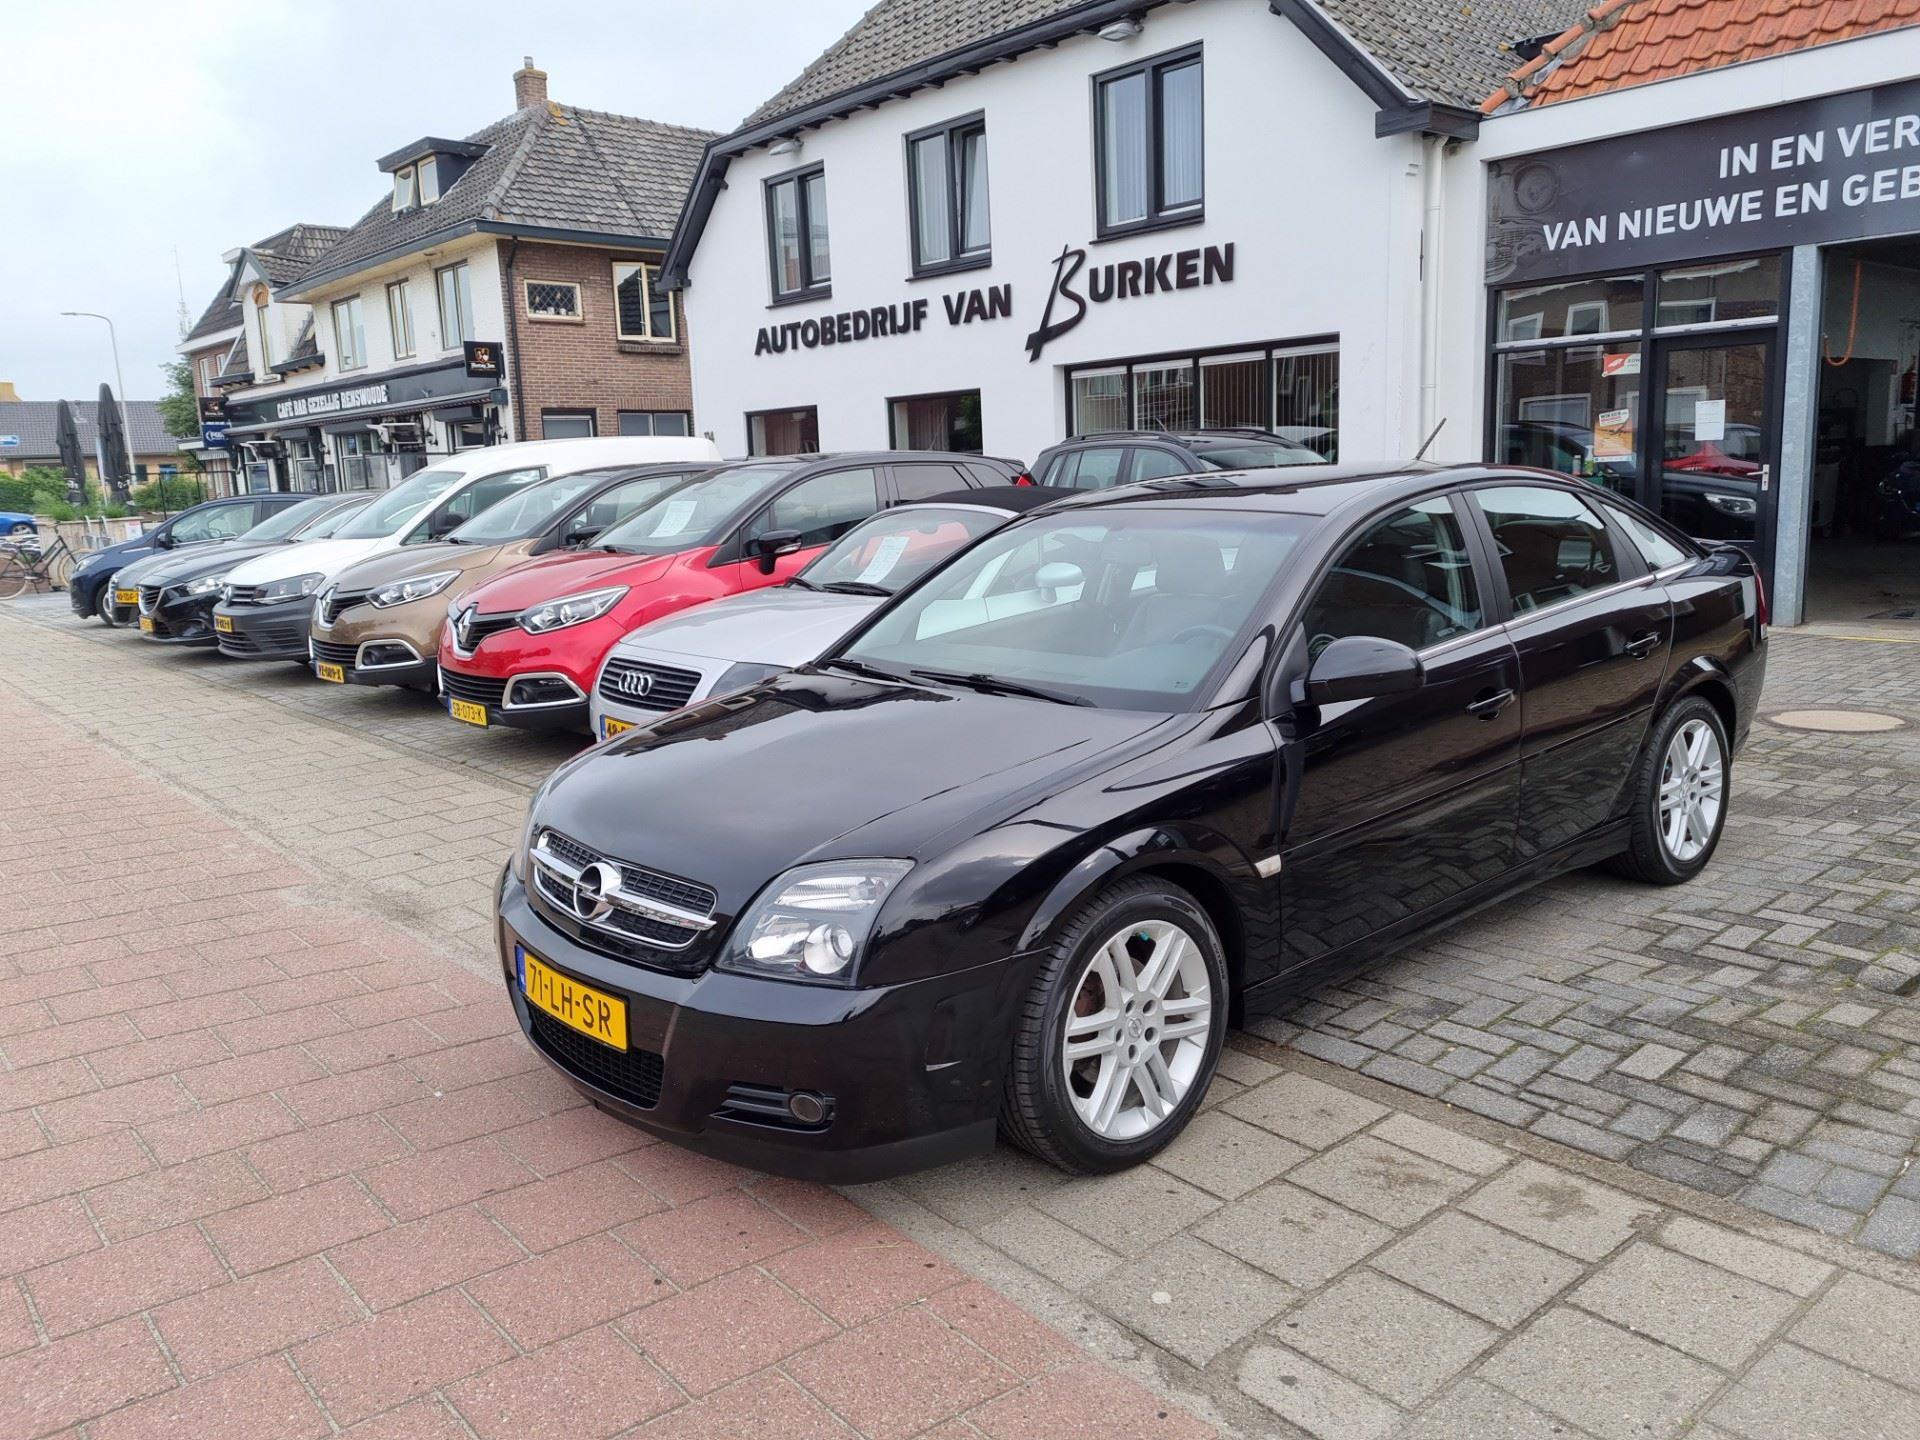 Opel Vectra GTS occasion - Autobedrijf van Burken